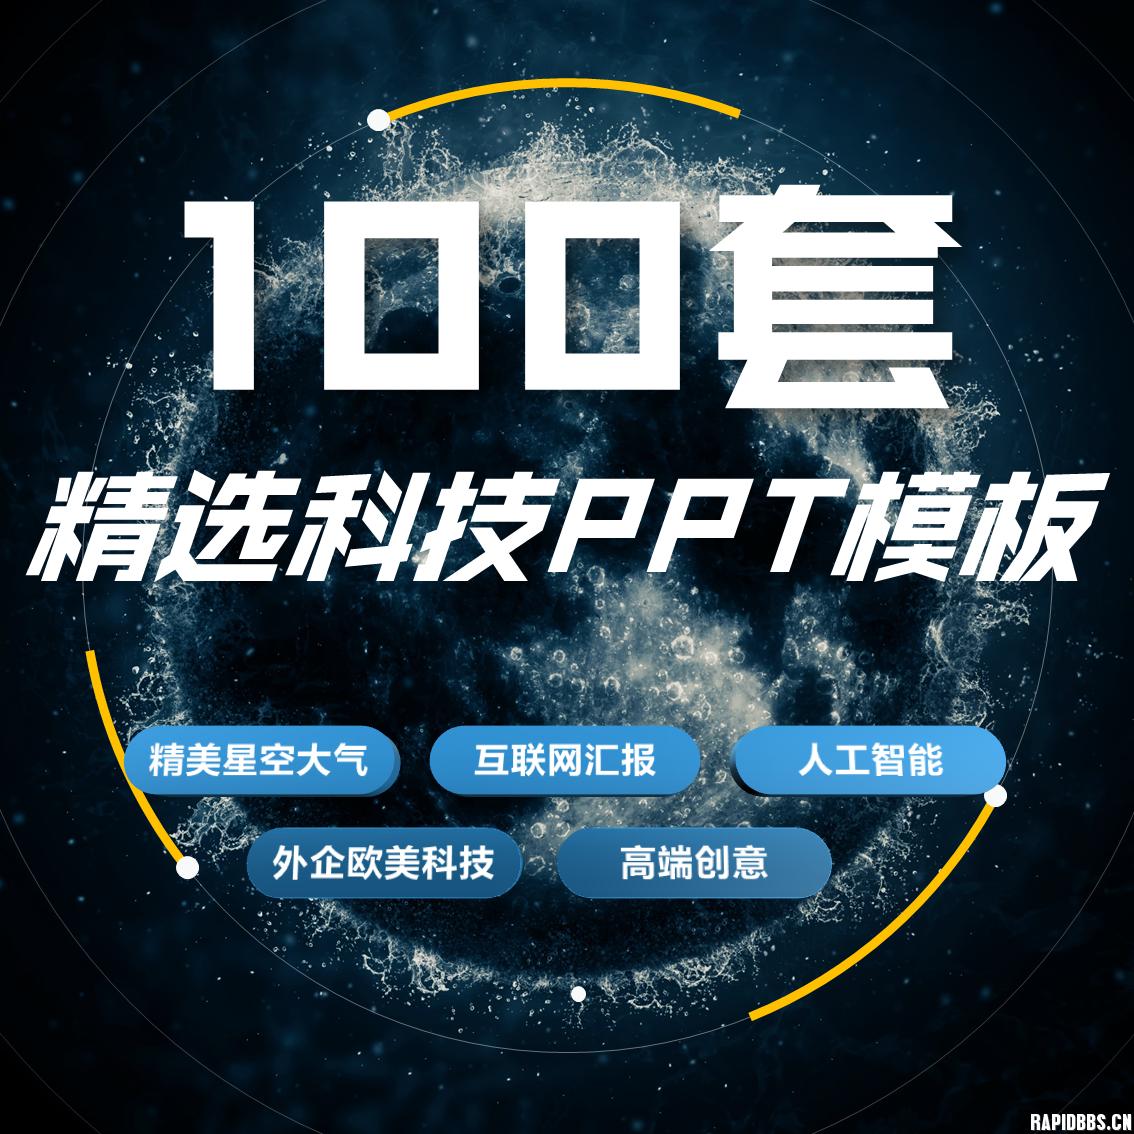 100套锐普高端正版科技PPT模板,限时抢购!